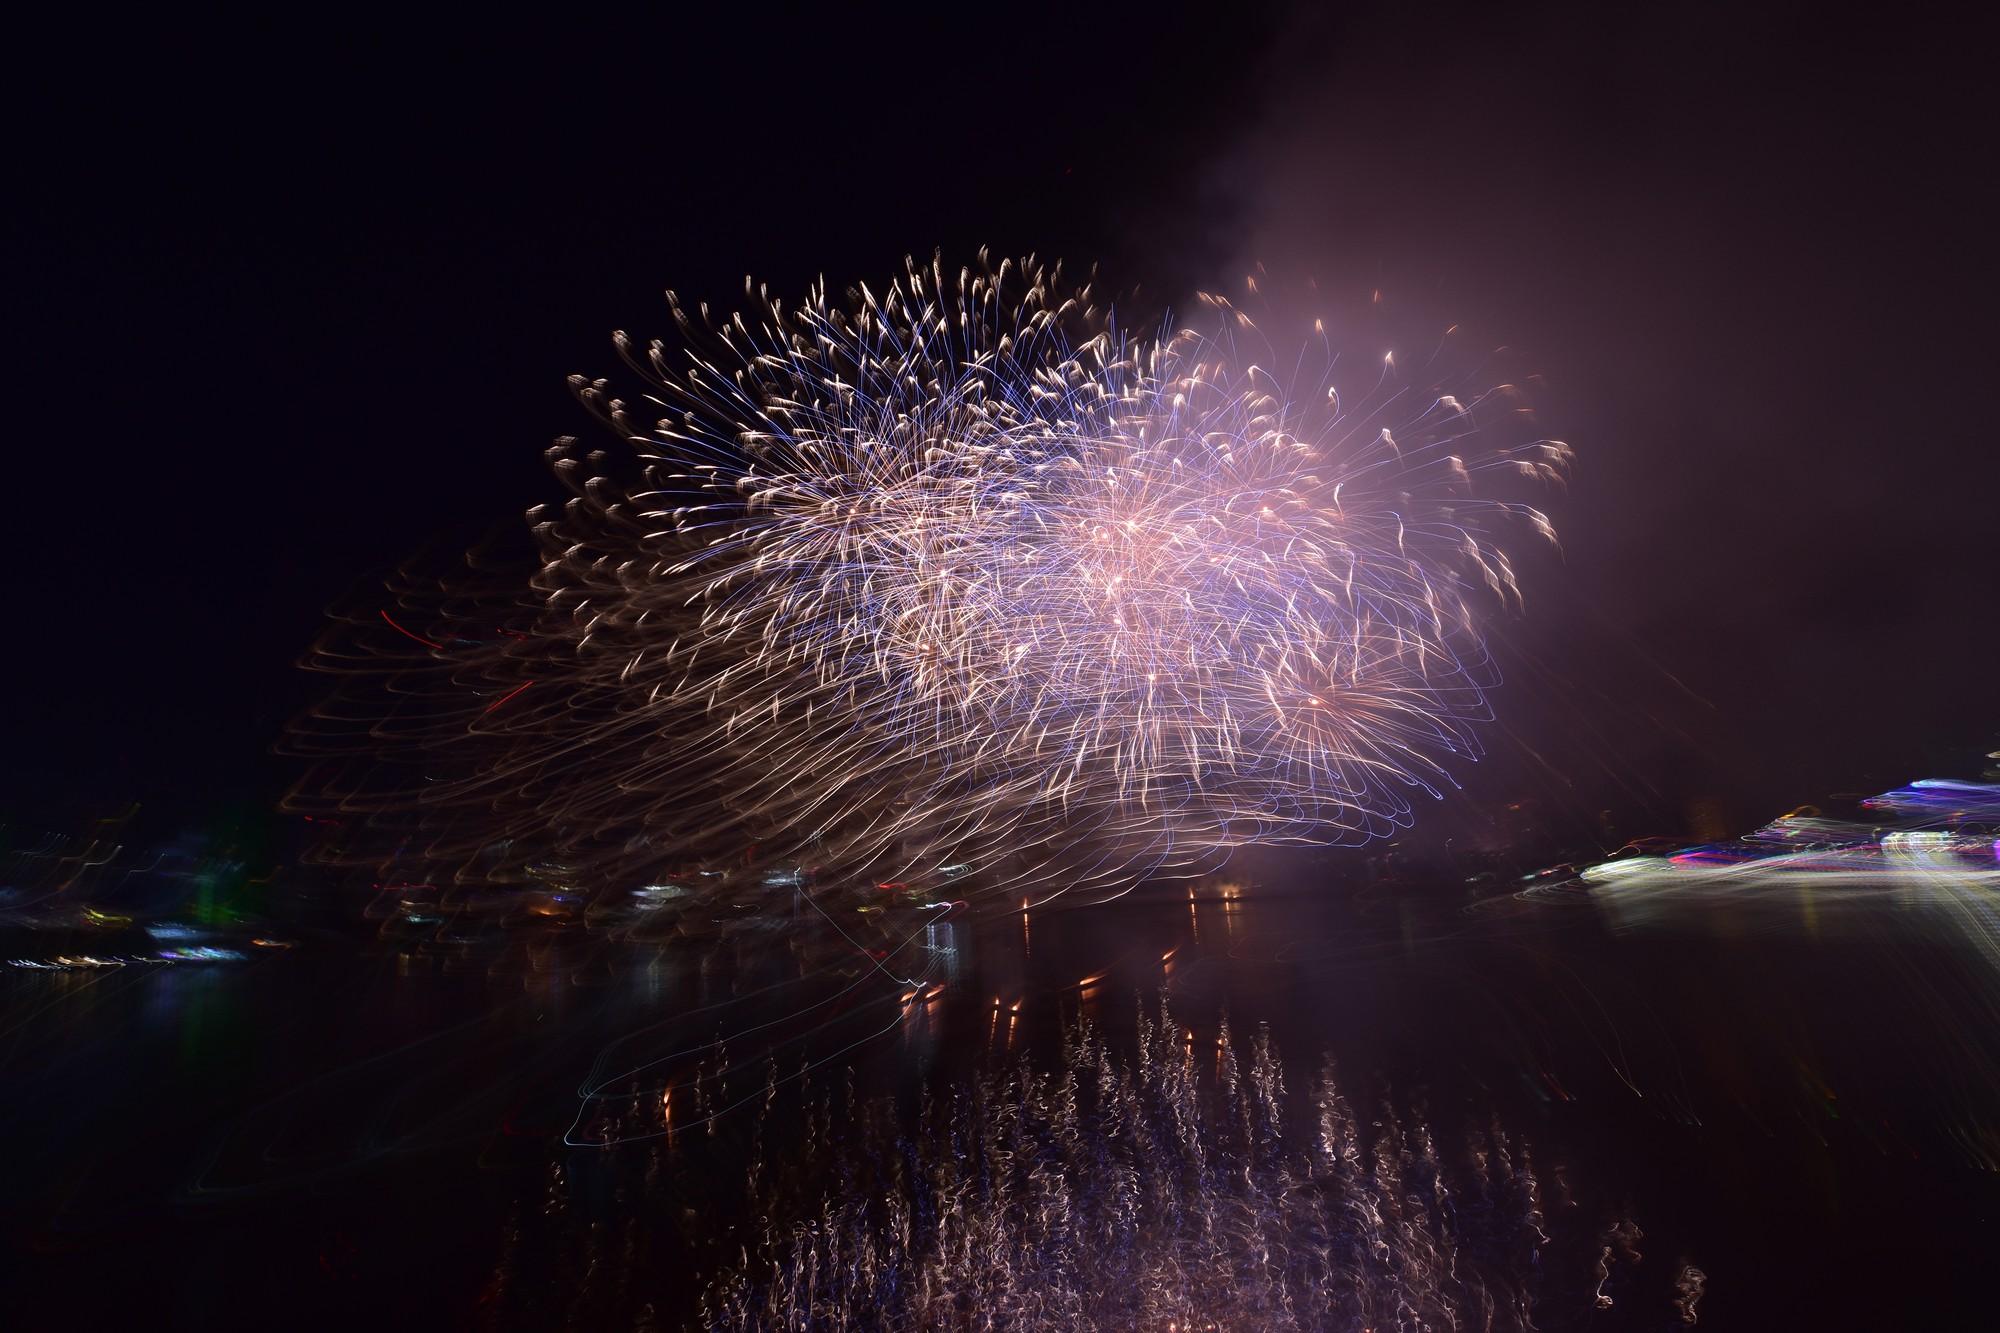 Mãn nhãn màn pháo hoa Việt Nam - Nga trên bầu trời Đà Nẵng - Ảnh 12.